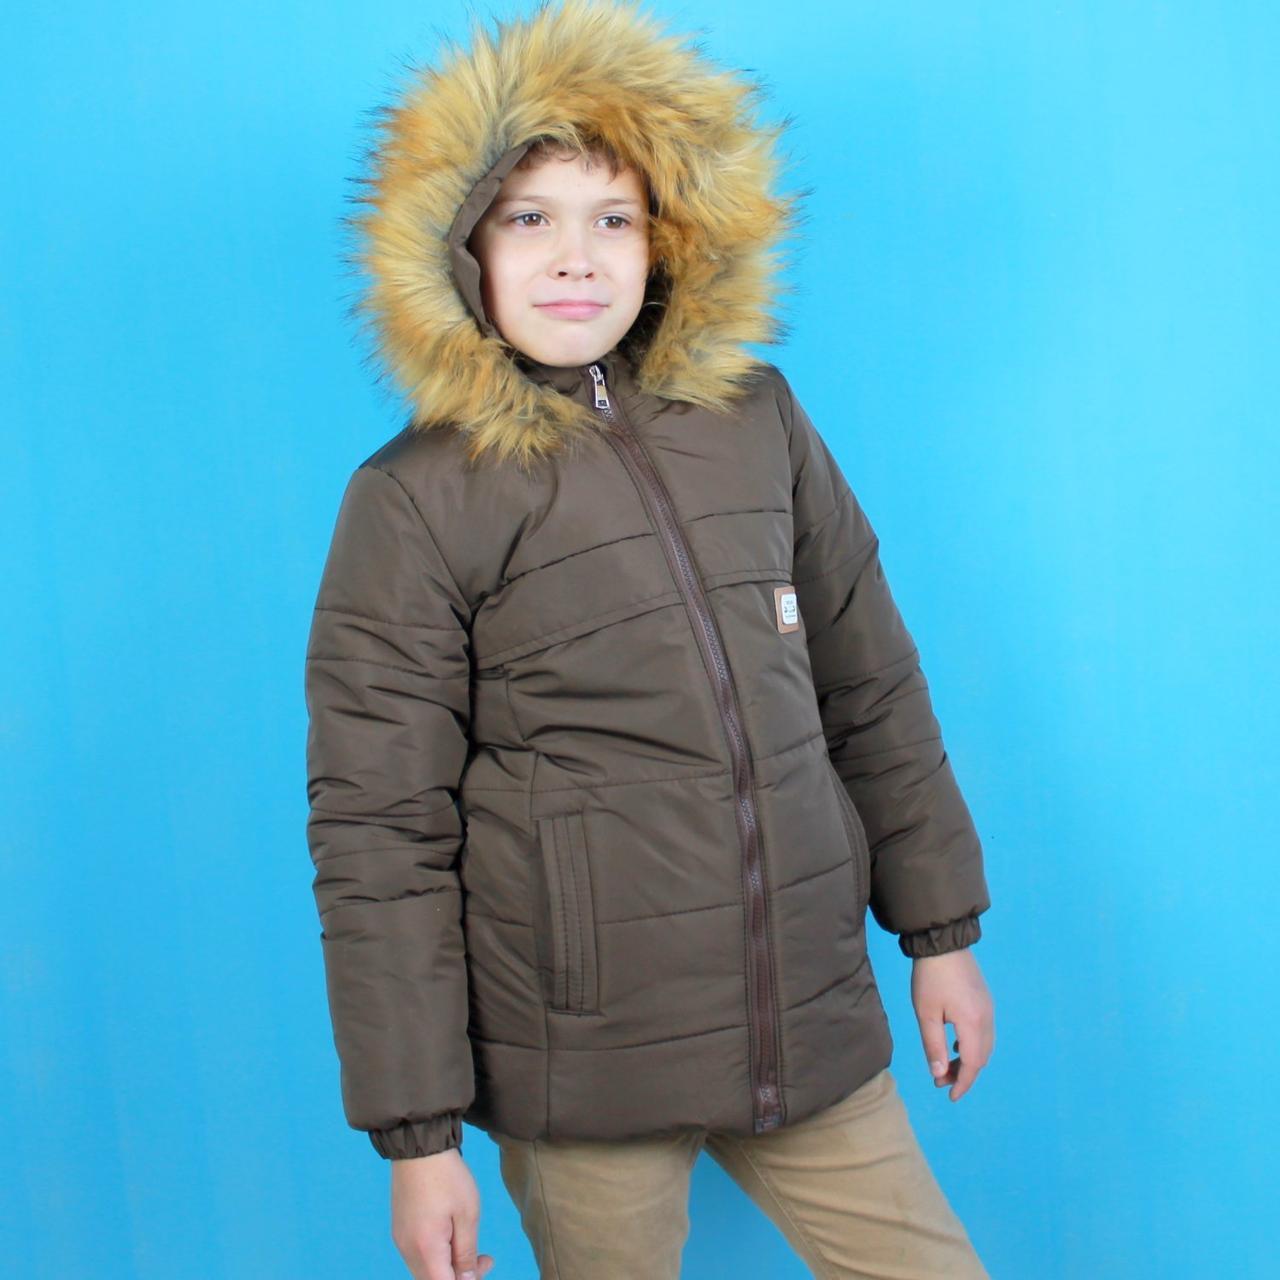 20221 Детская зимняя куртка с капюшоном для мальчика коричневая тм Одягайко рост 110 см